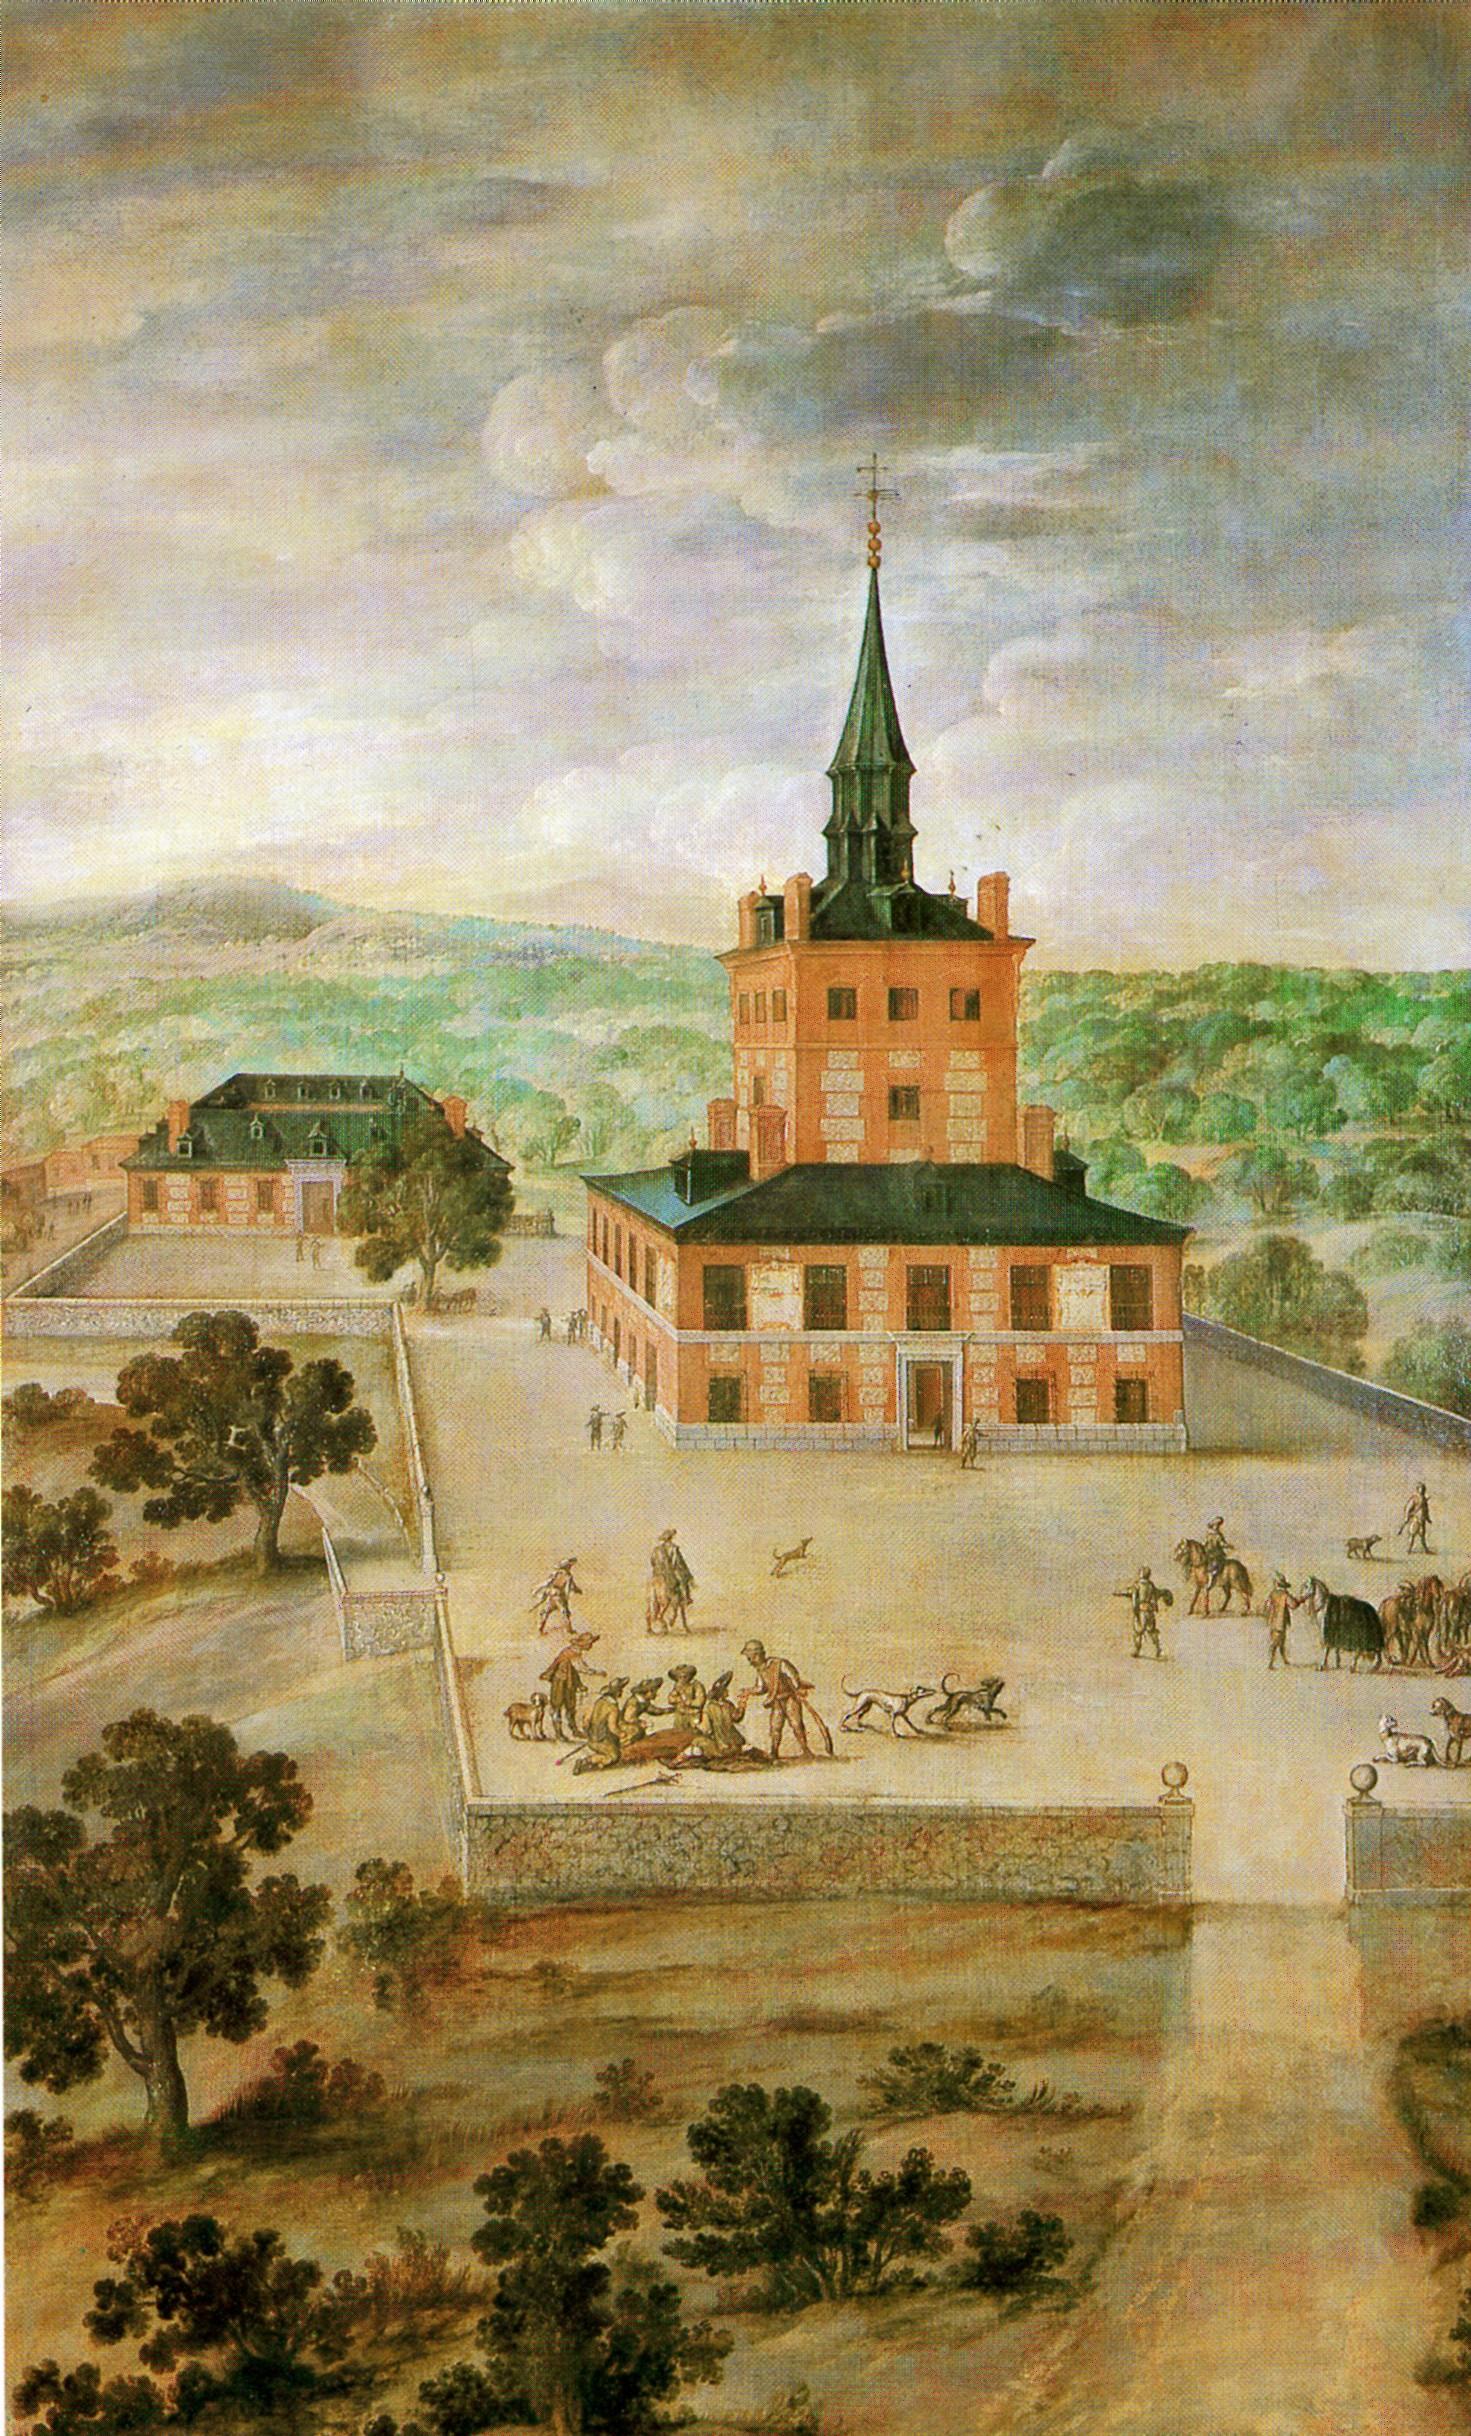 Anónimo madrileño: Vista de la Torre de la Parada. Madrid, Museo de Historia.